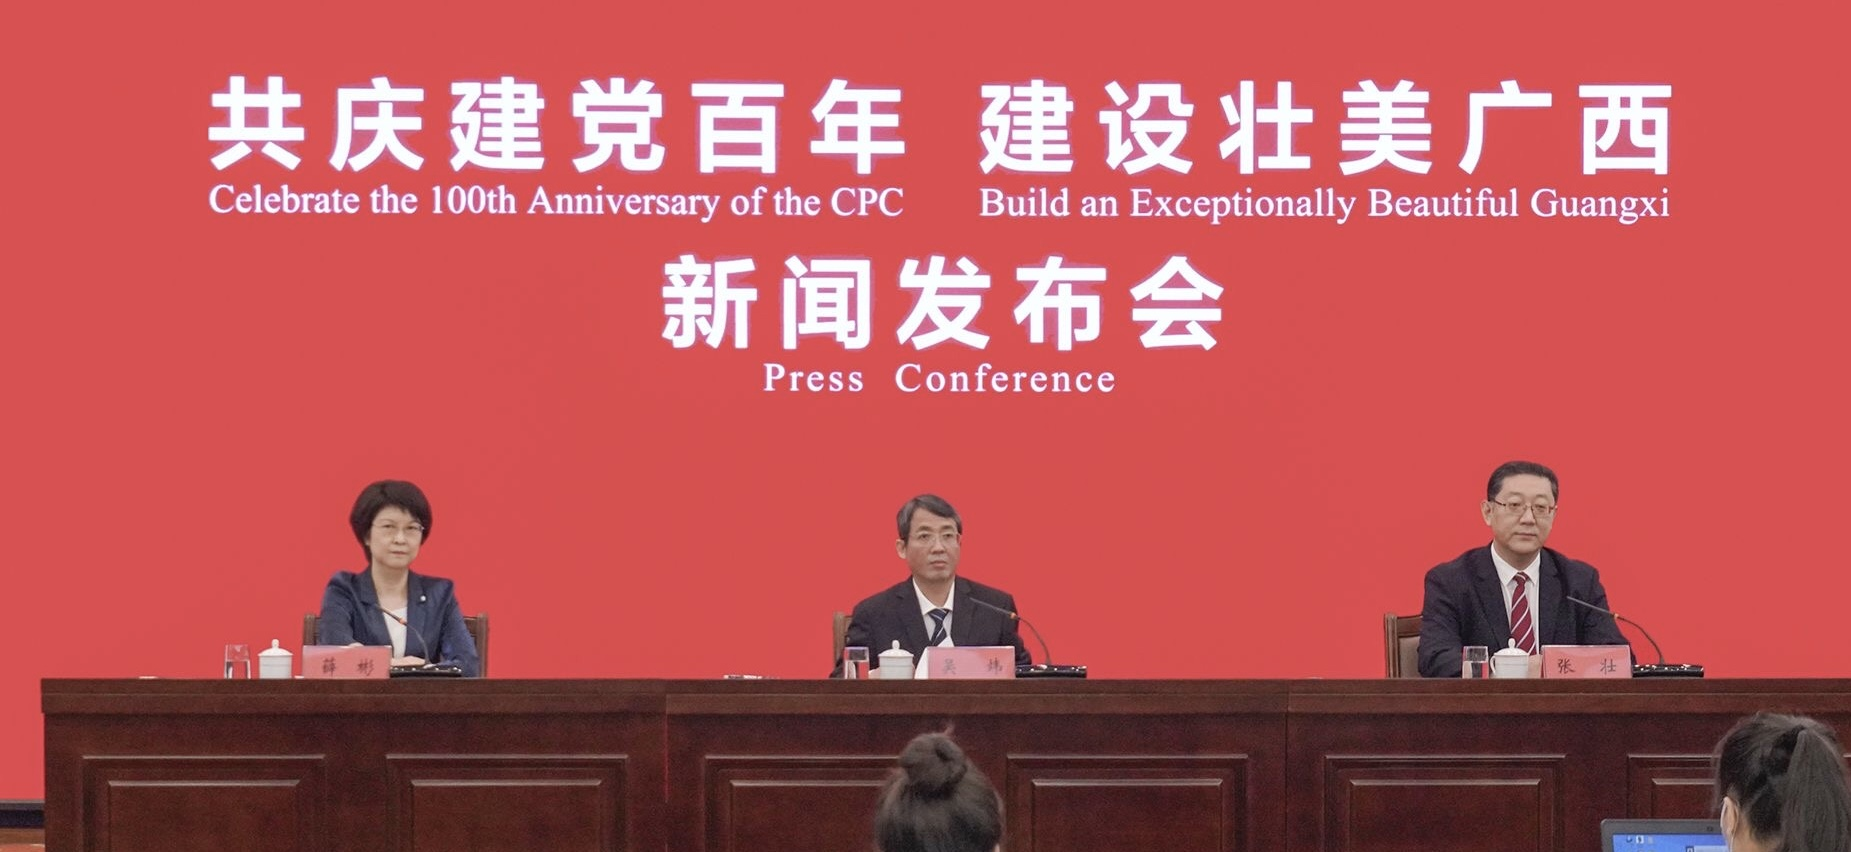 柳州到2025年实现万亿工业强市,推进现代化